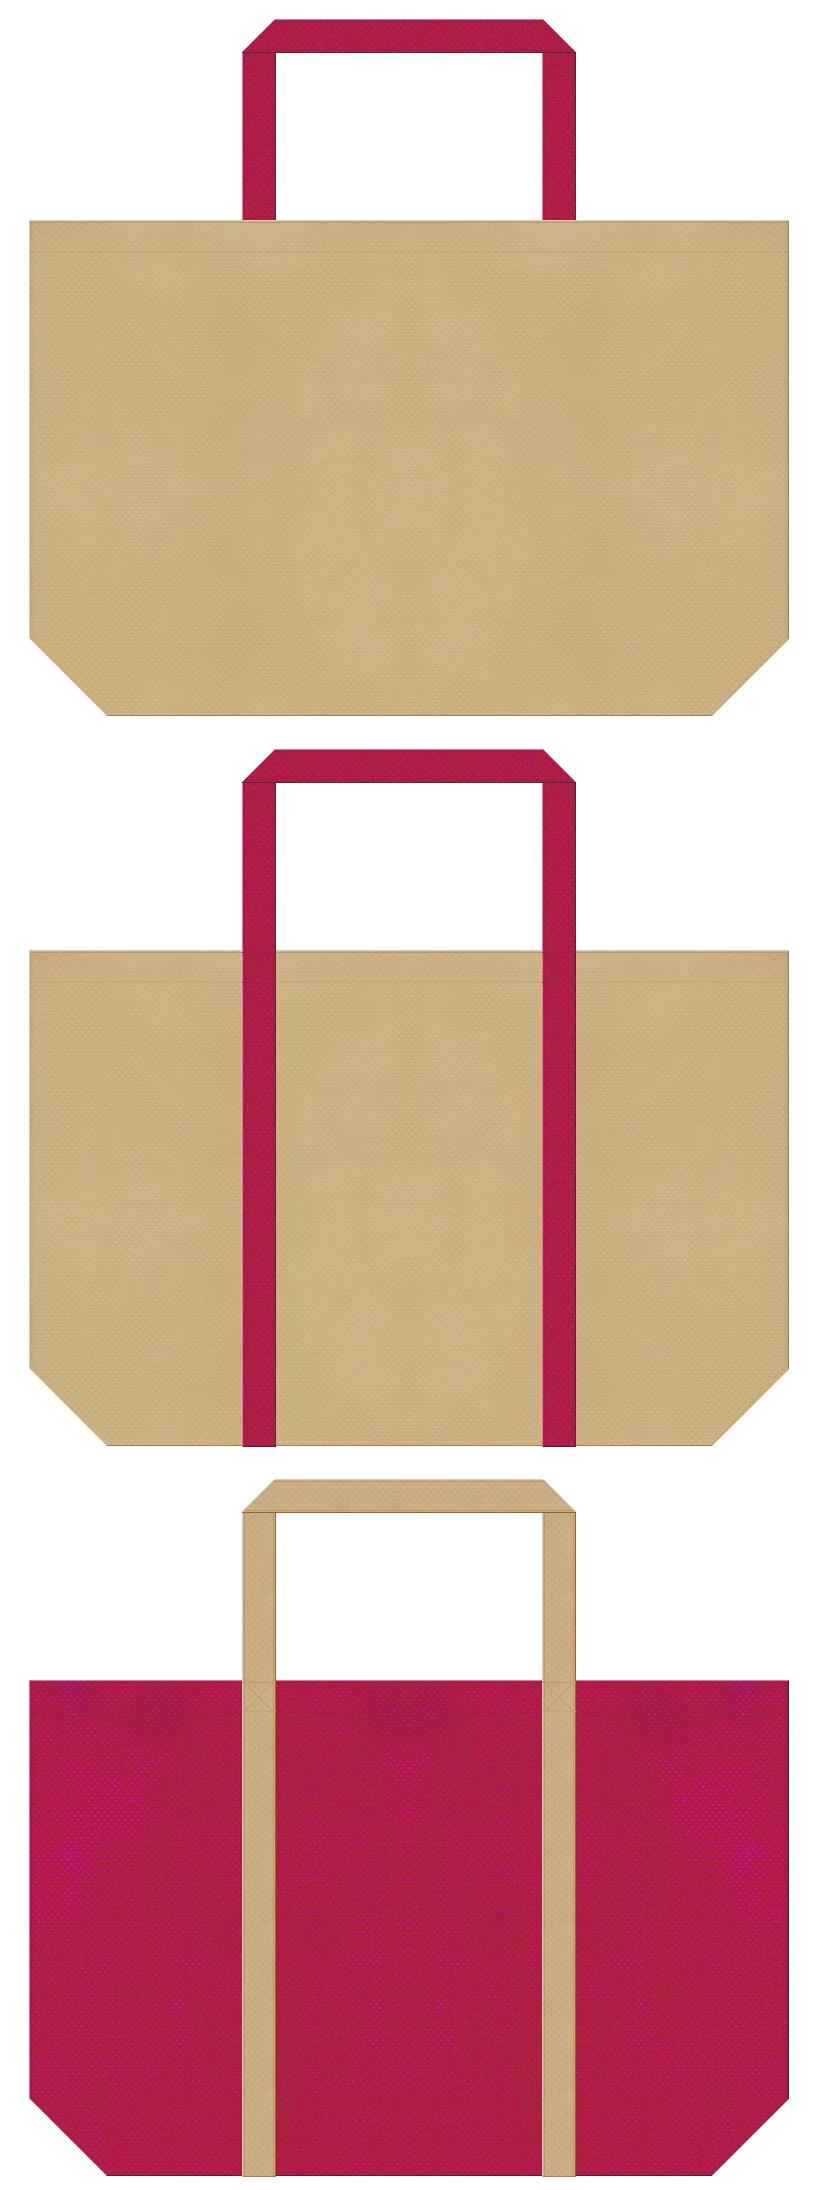 トラベルバッグ・南国・アイランド・トロピカル・カクテル・リゾートのショッピングバッグにお奨めの不織布バッグデザイン:カーキ色と濃いピンク色のコーデ